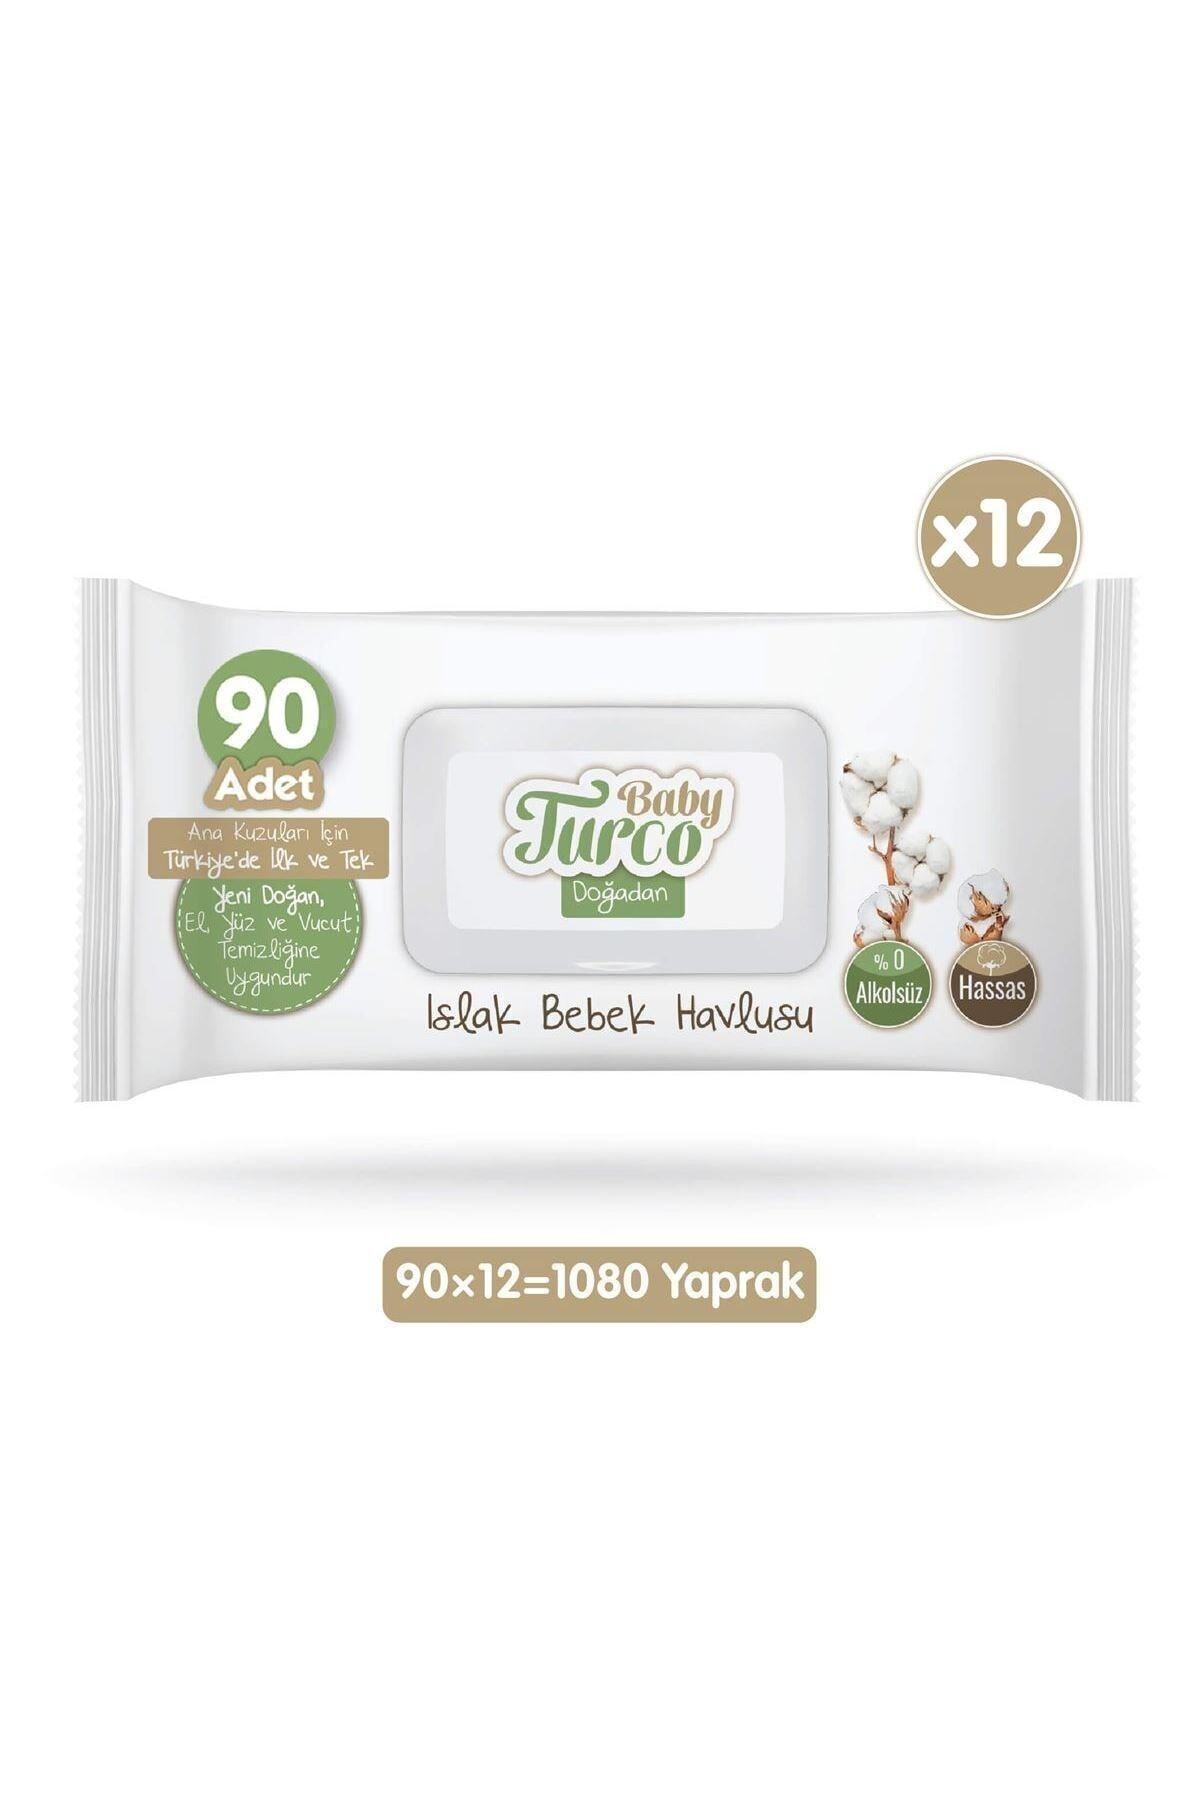 Baby Turco Doğadan Islak Bebek Havlusu 12x90 Yaprak 2